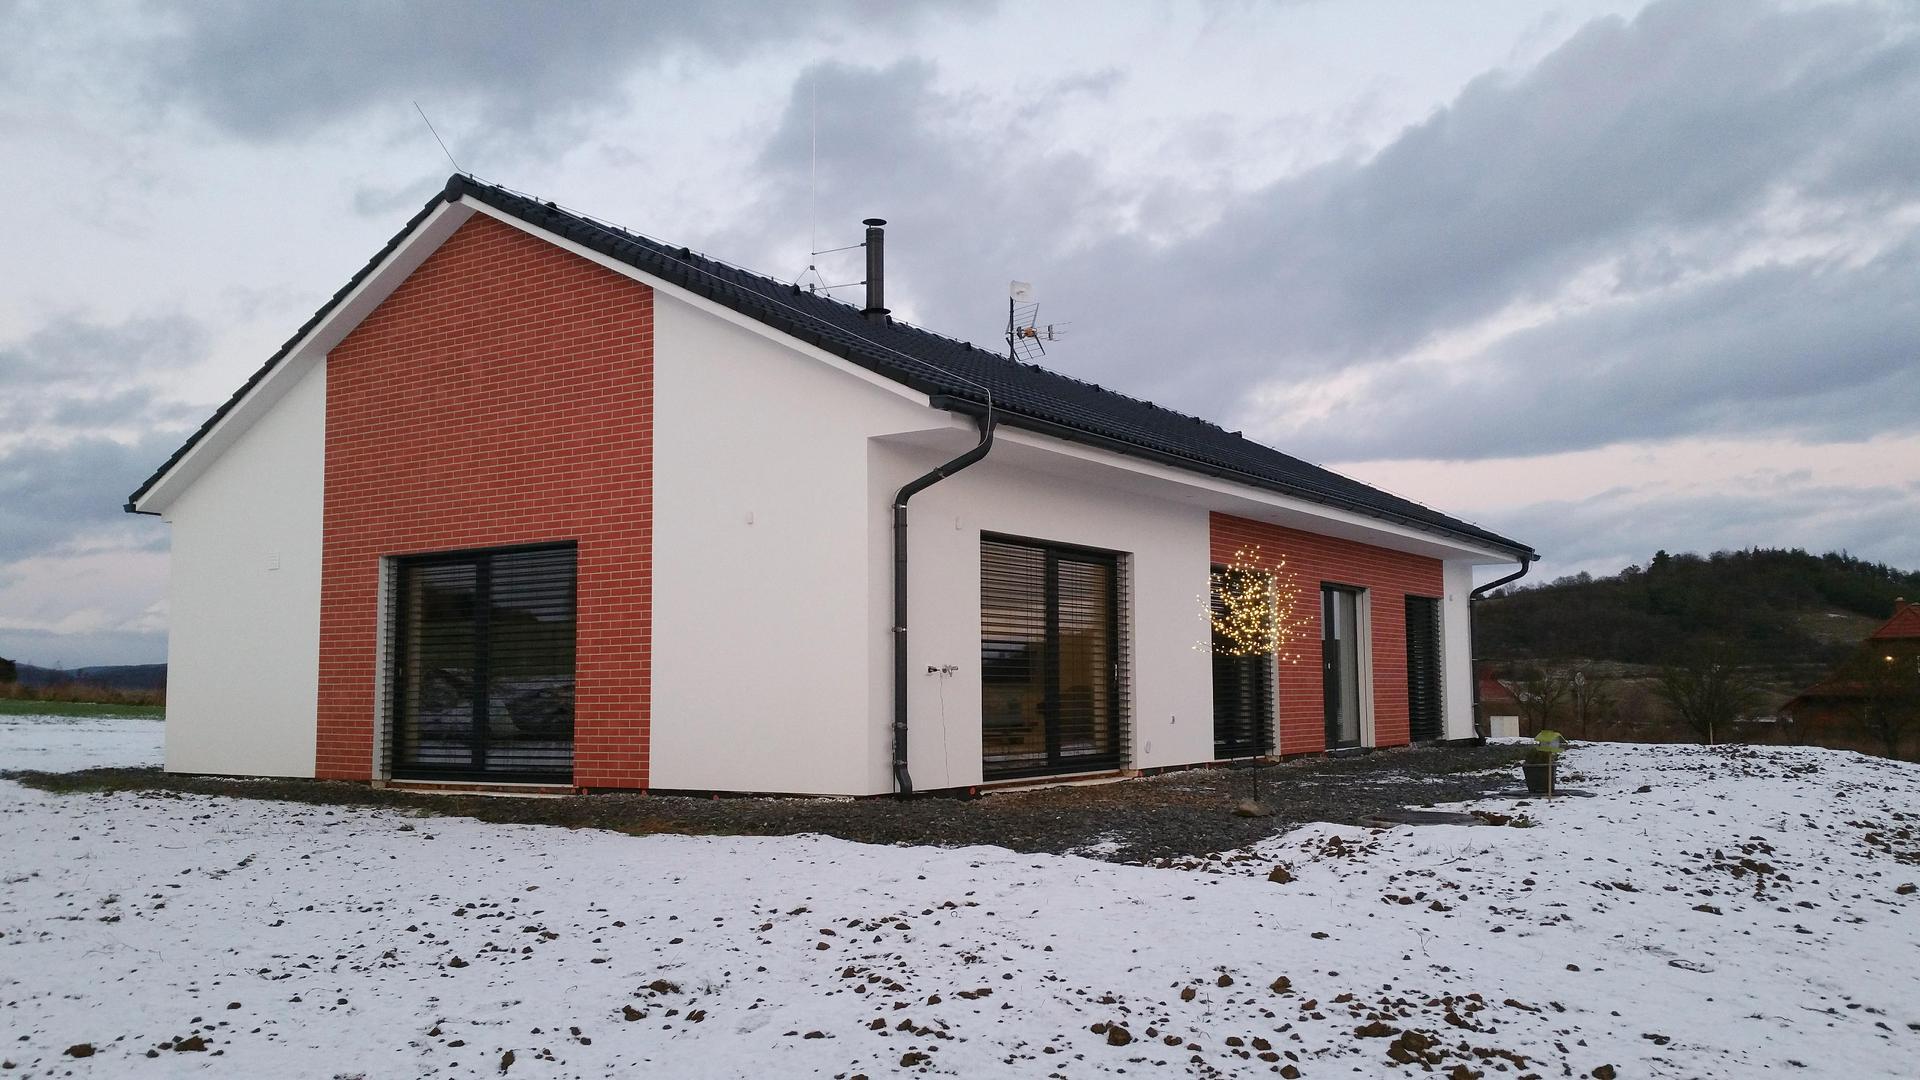 Náš dům na větrné hůrce - Obrázek č. 177